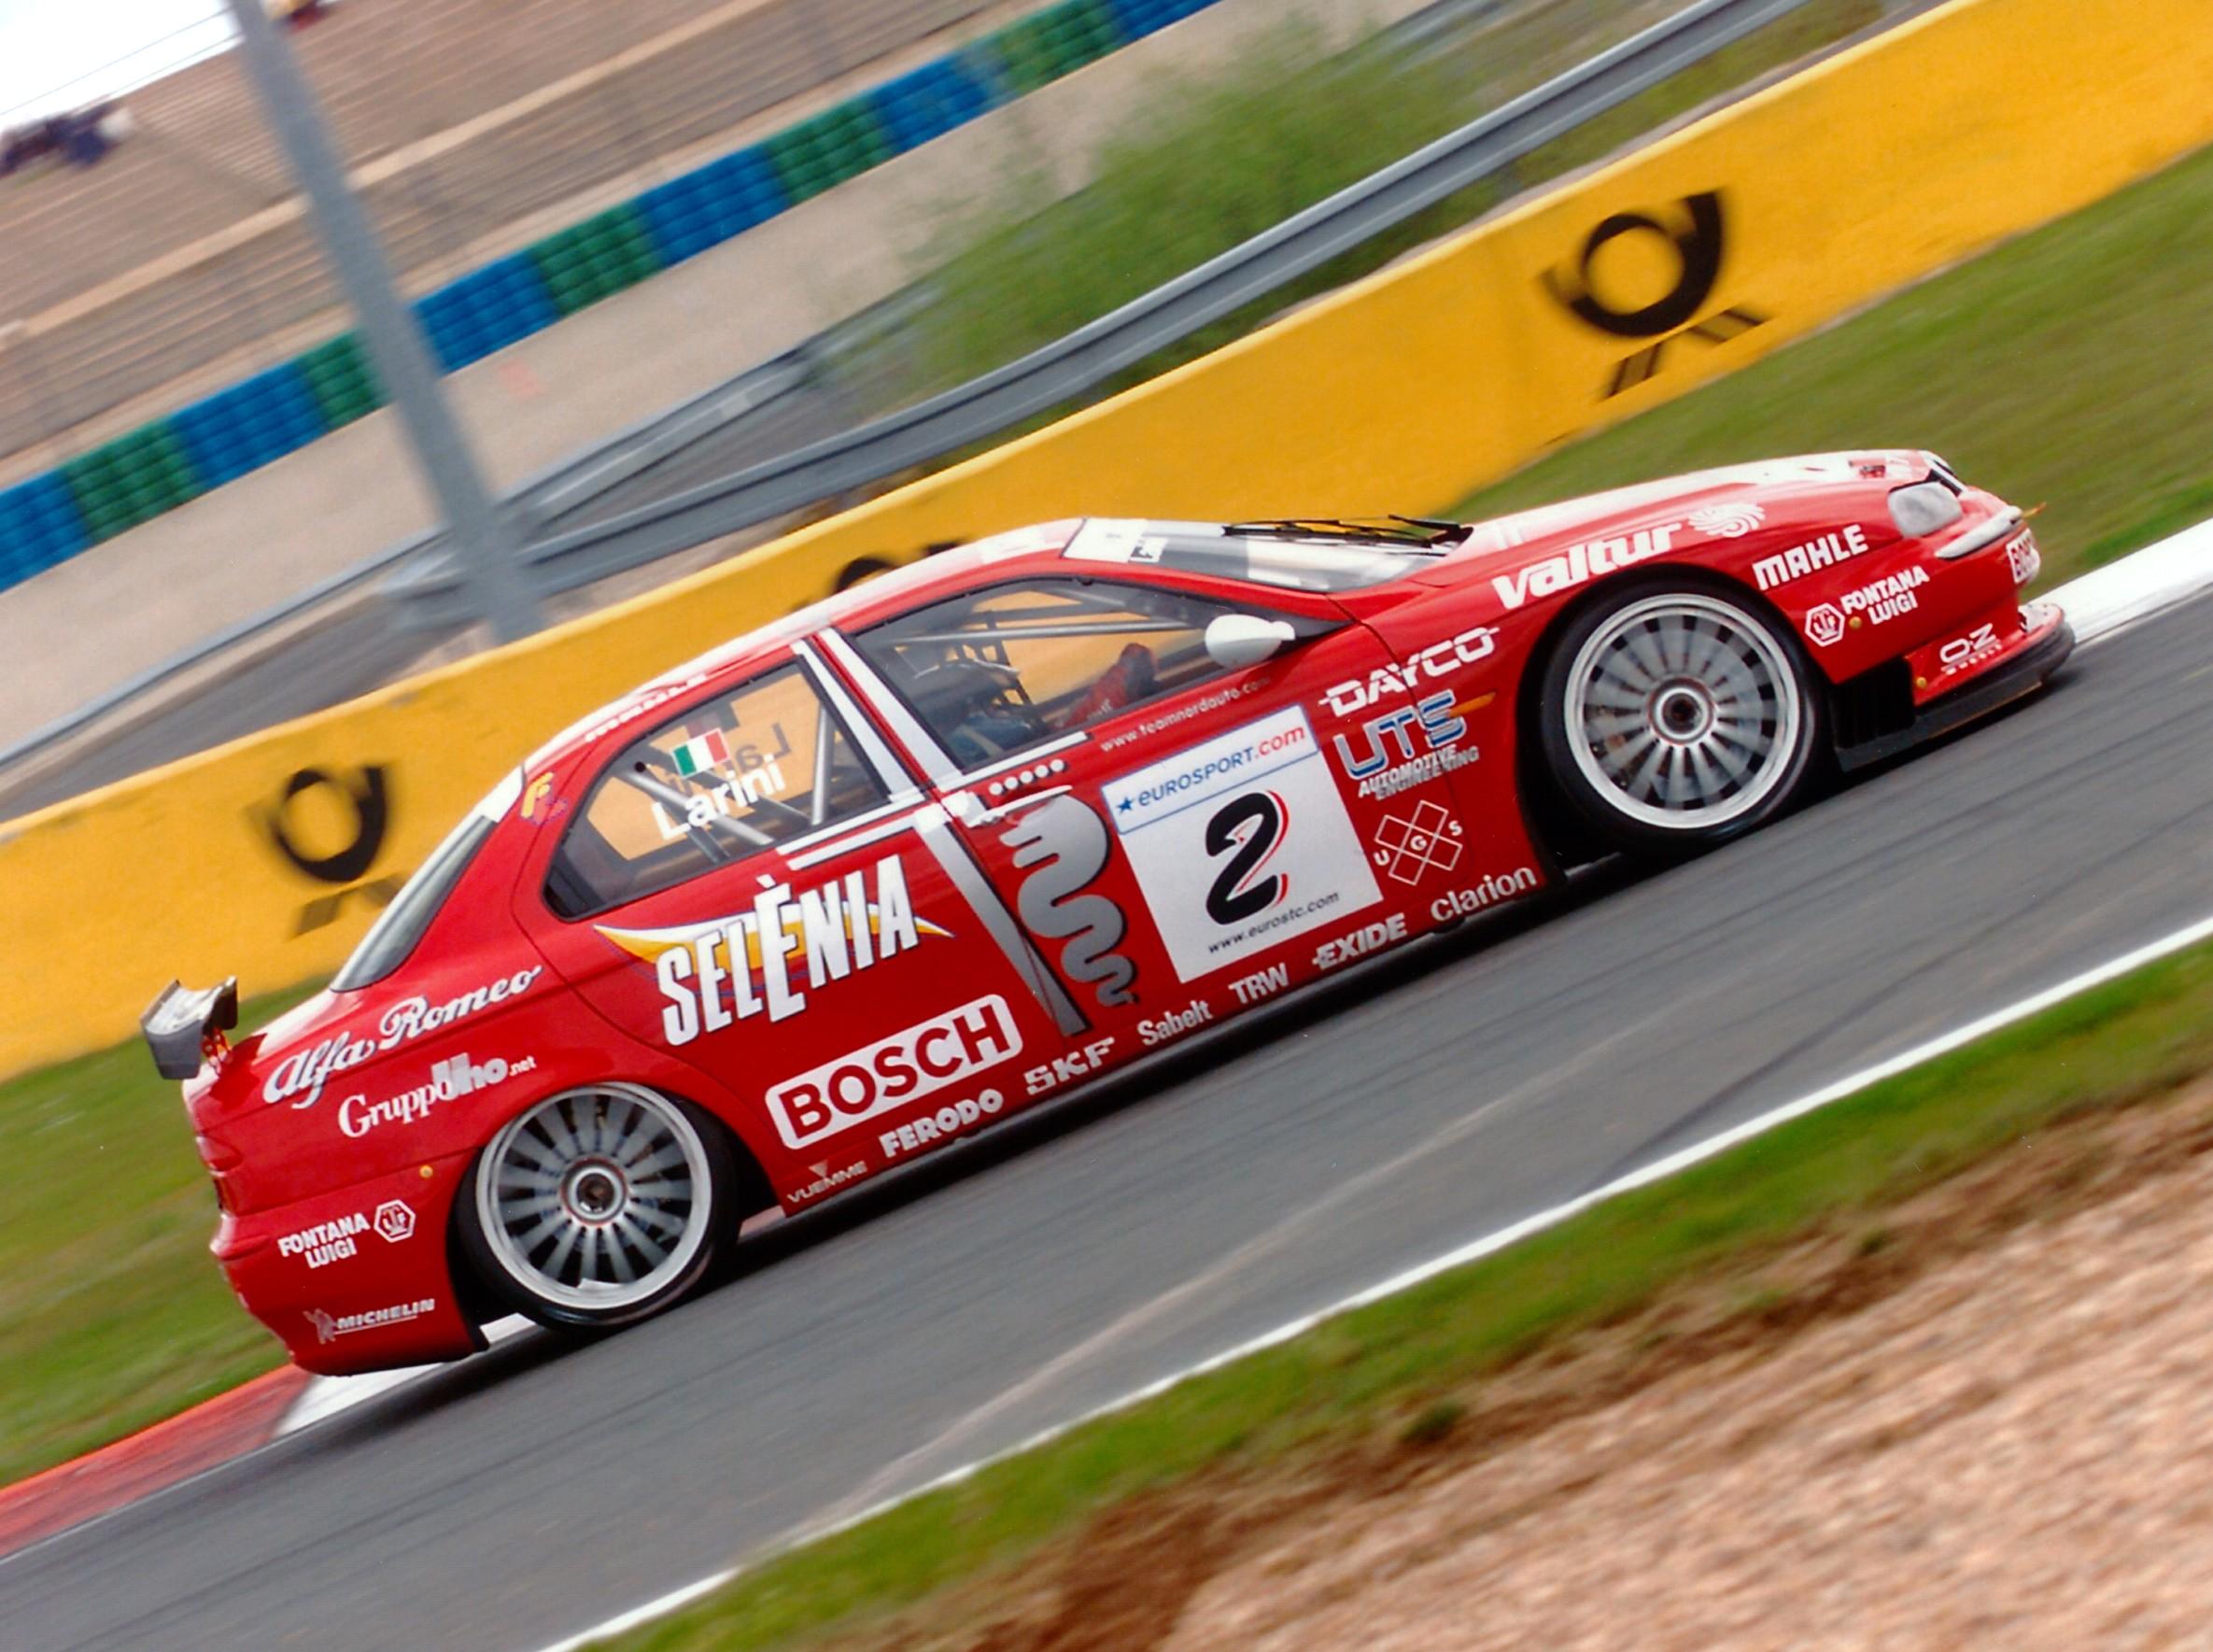 Alfa Romeo 156 Btcc Super Touring Car: ALFA 156 SUPERTOURING TEAM IN UK